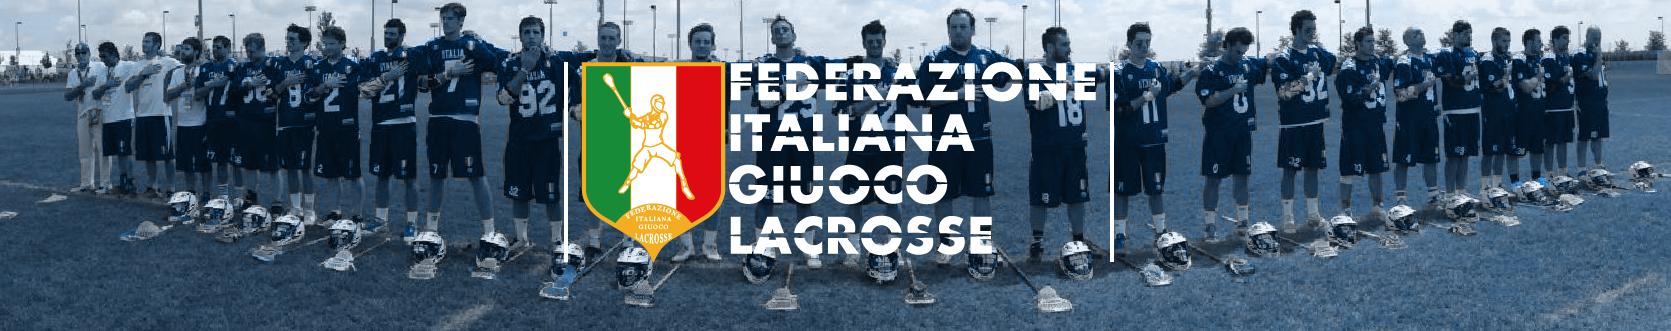 Federazione Italiana Giuoco Lacrosse